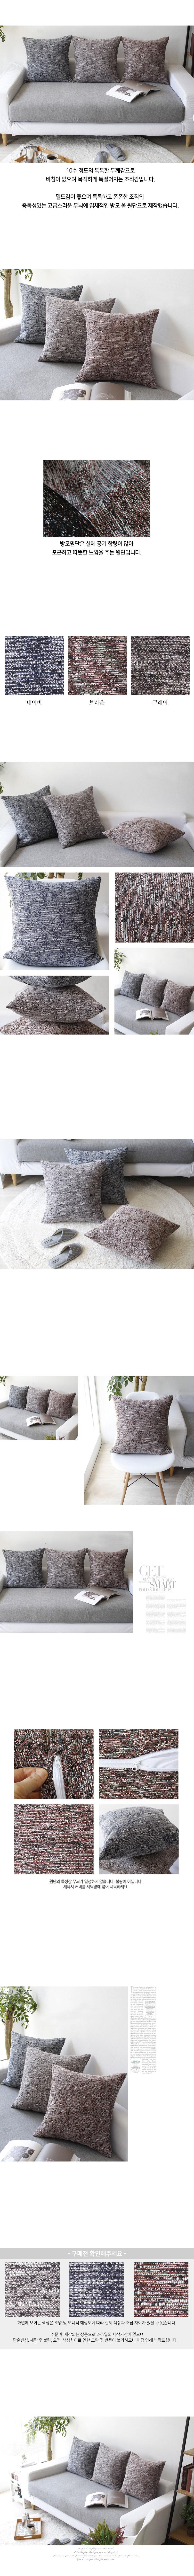 나임 투톤 방모 쿠션 커버 (50x50) - 3type솜 불포함-ANNAHOUSE - 안나하우스, 20,000원, 쿠션, 패턴/도트